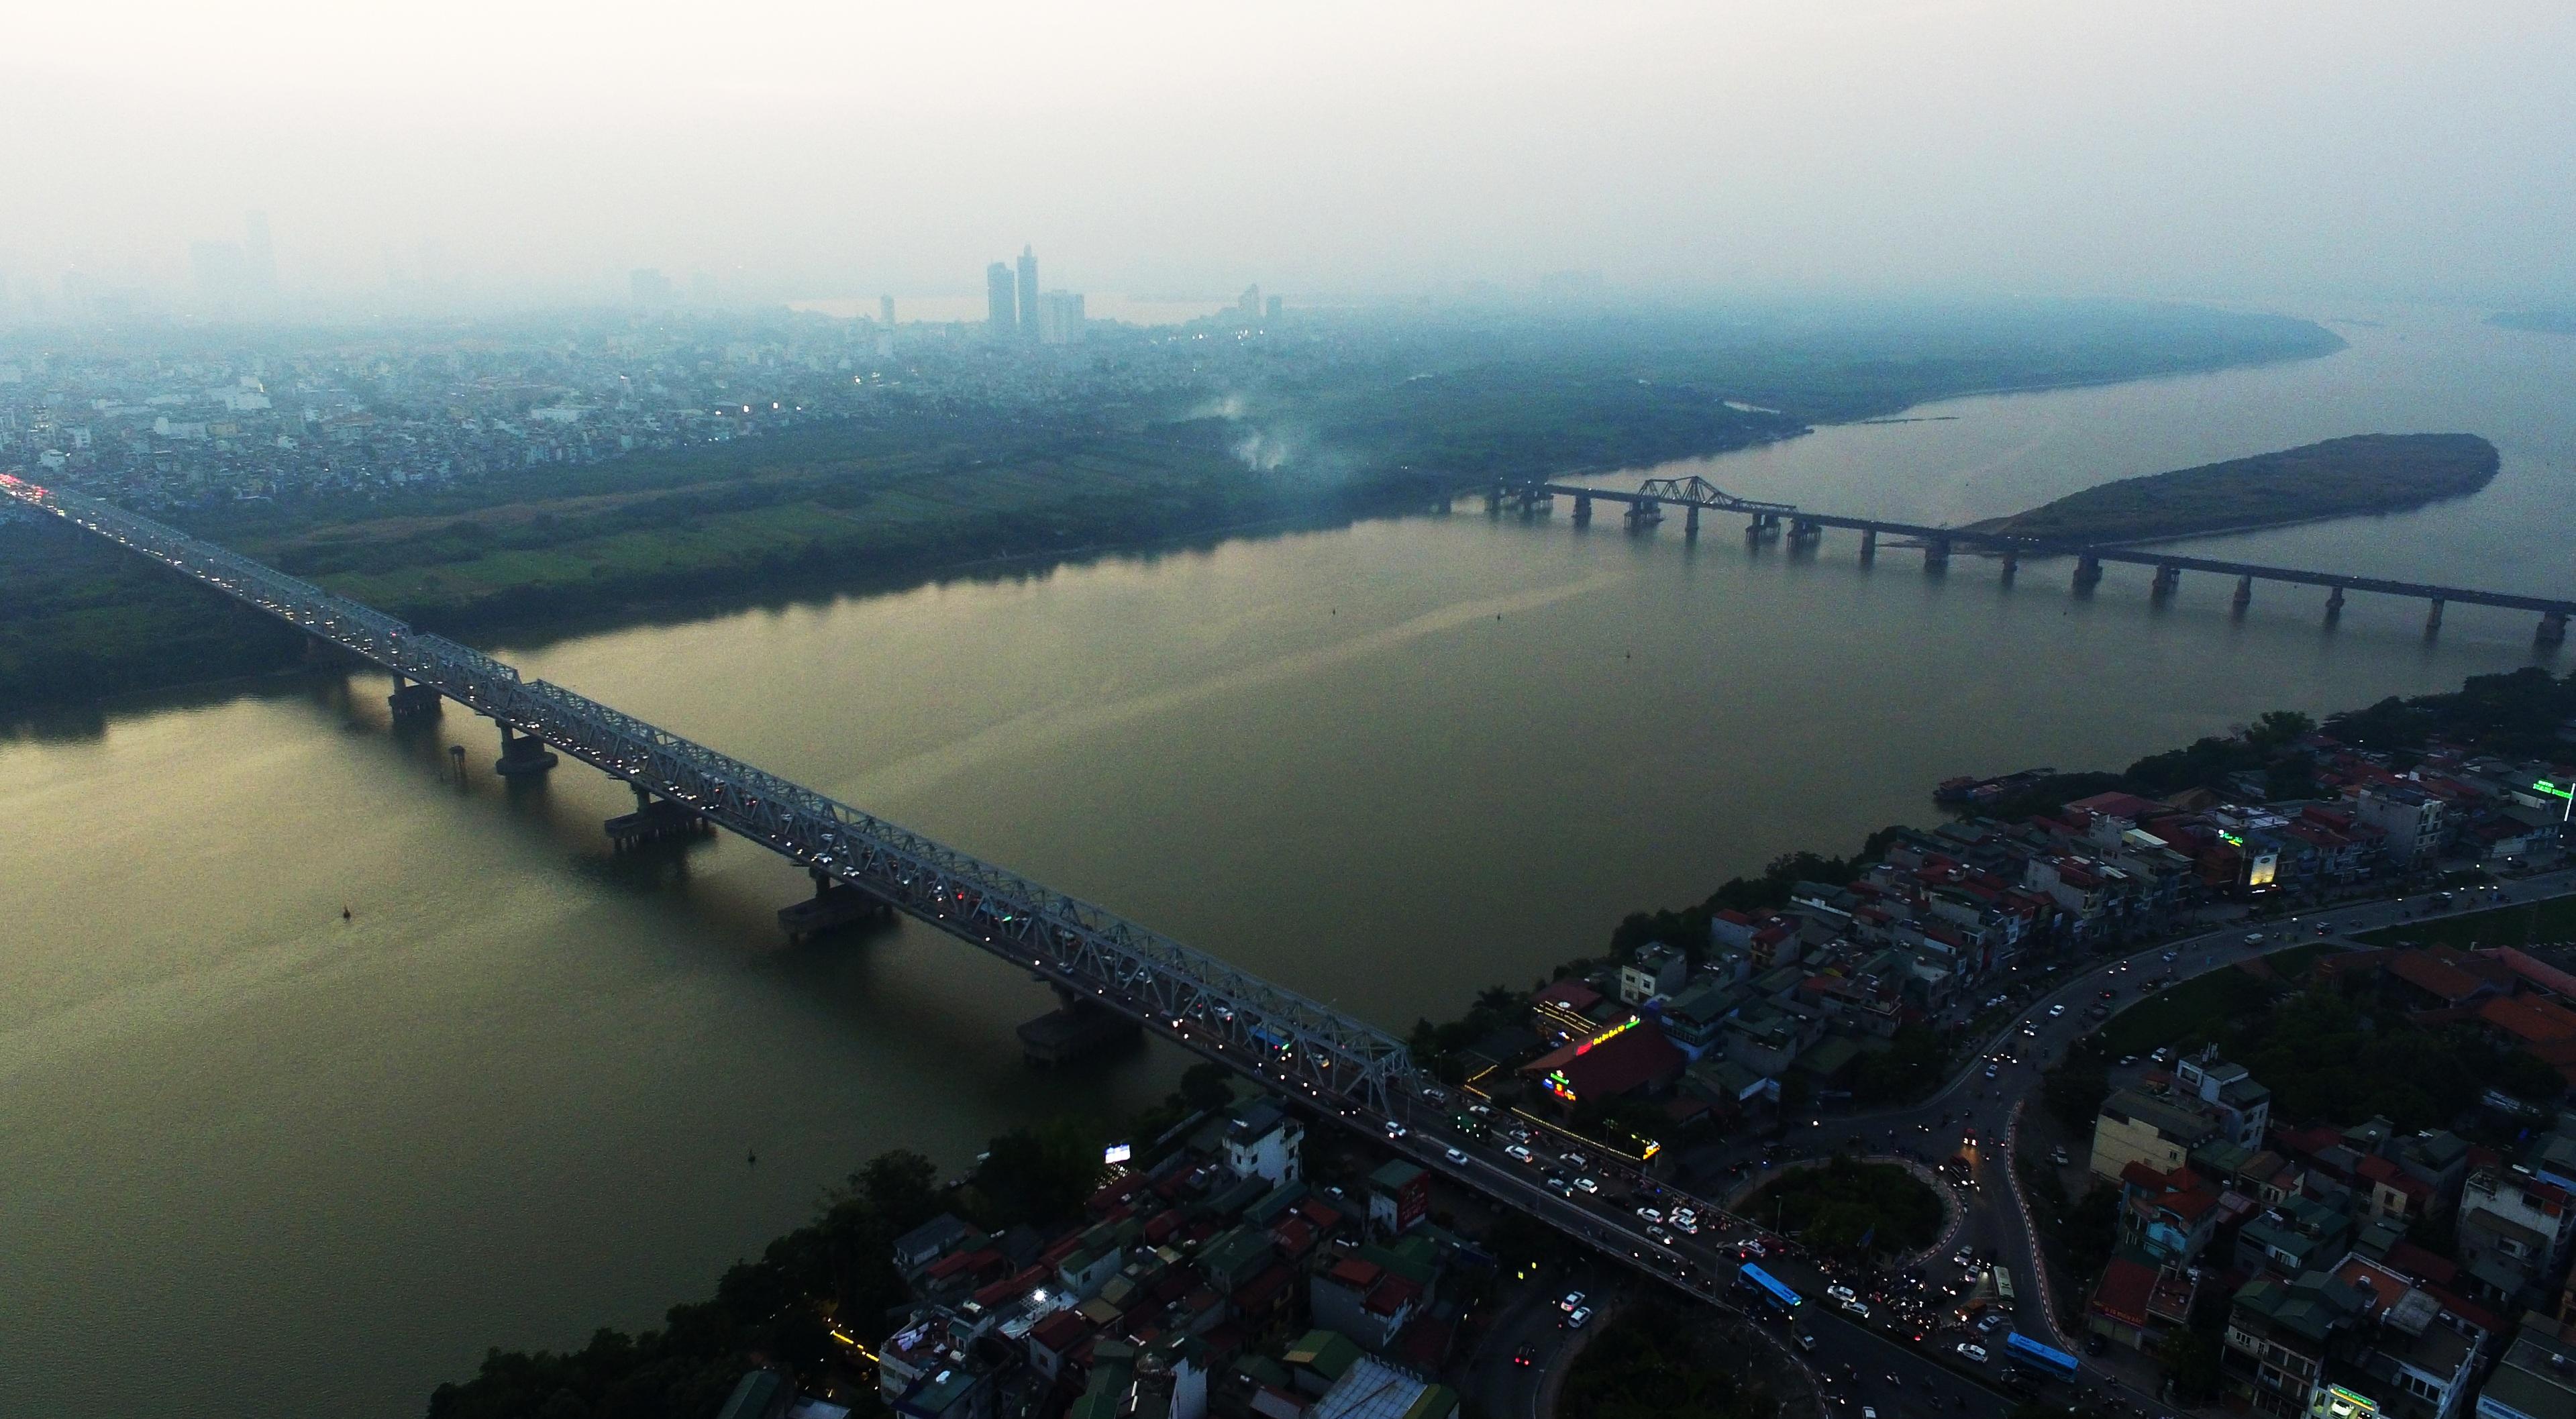 Toàn cảnh 6 cây cầu huyết mạch bắc qua sông Hồng - 9